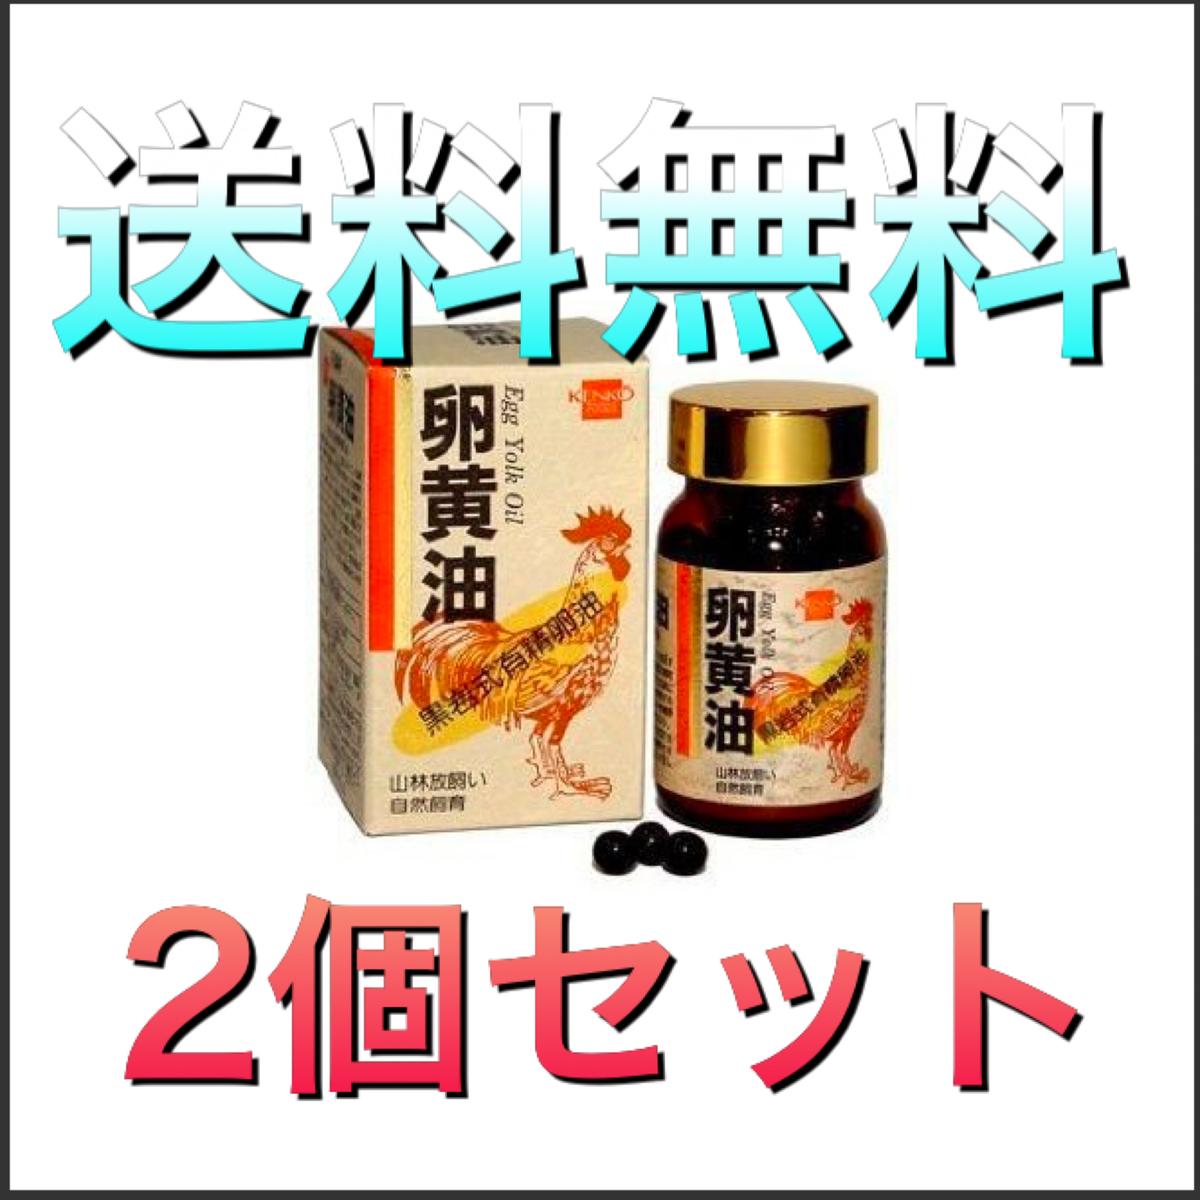 毎日の健康維持にお役立てください 健康フーズ 卵黄油 250粒 正規逆輸入品 2個セット 新品 大